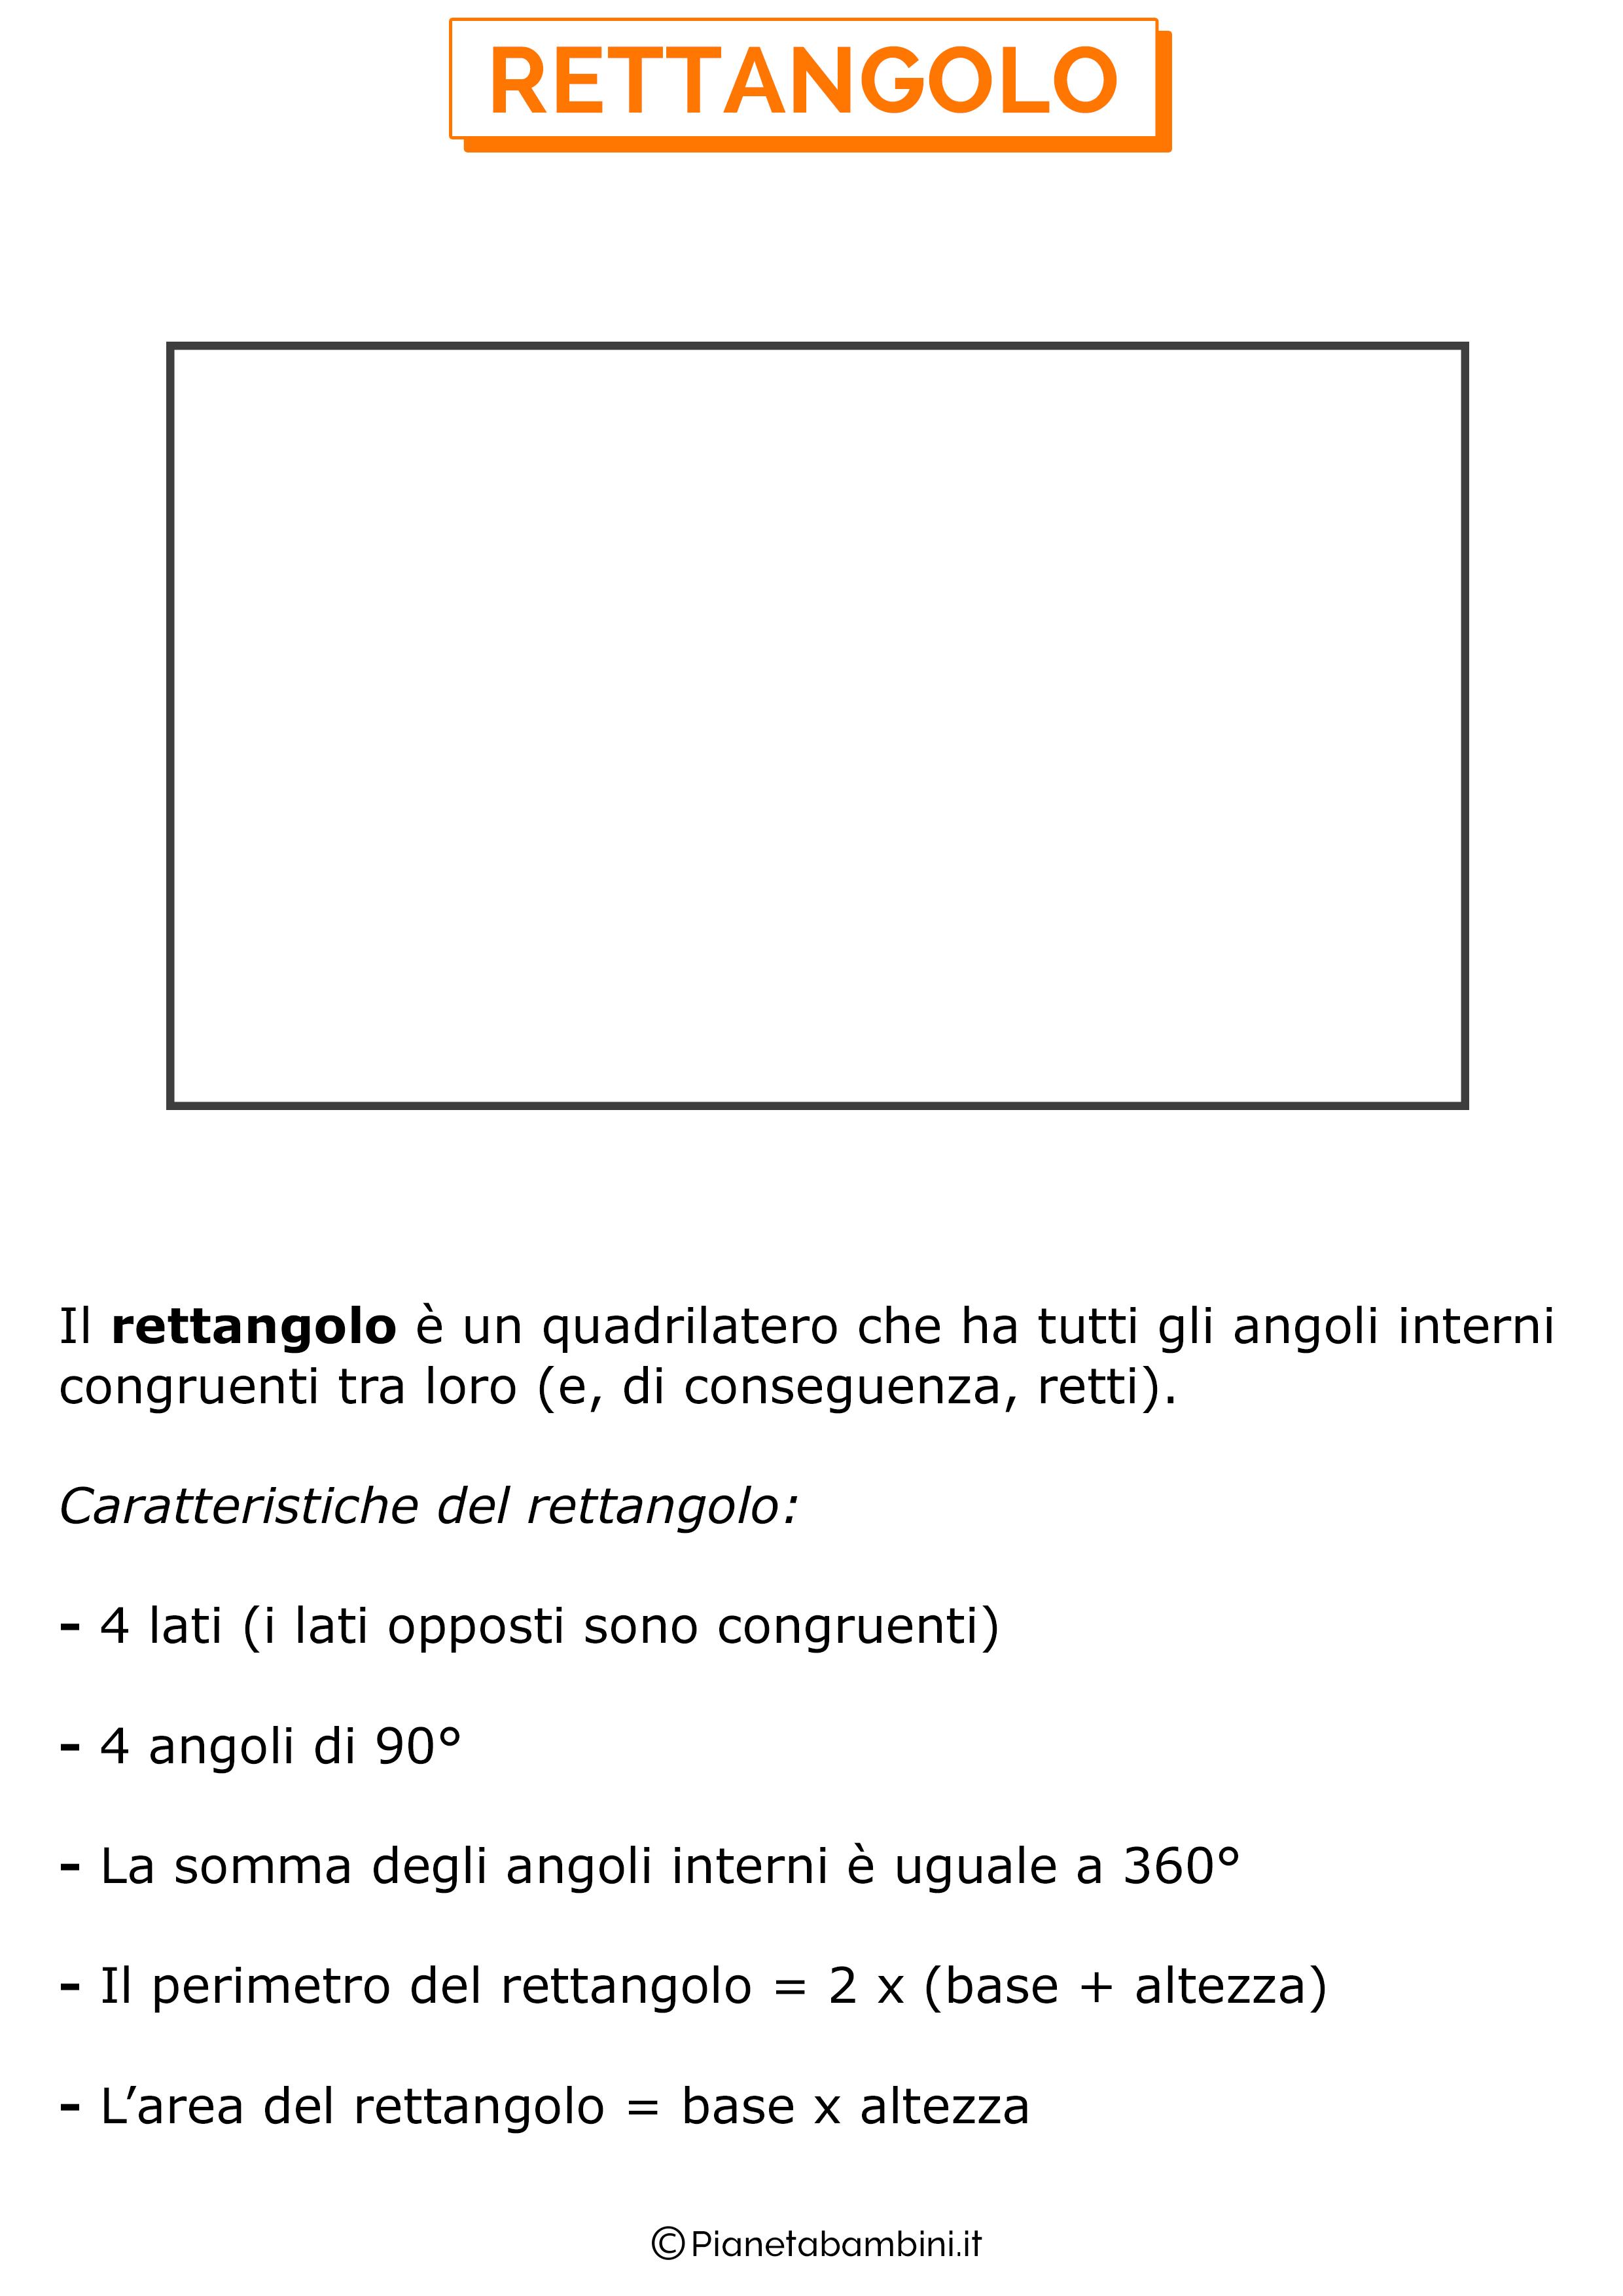 Caratteristiche del rettangolo